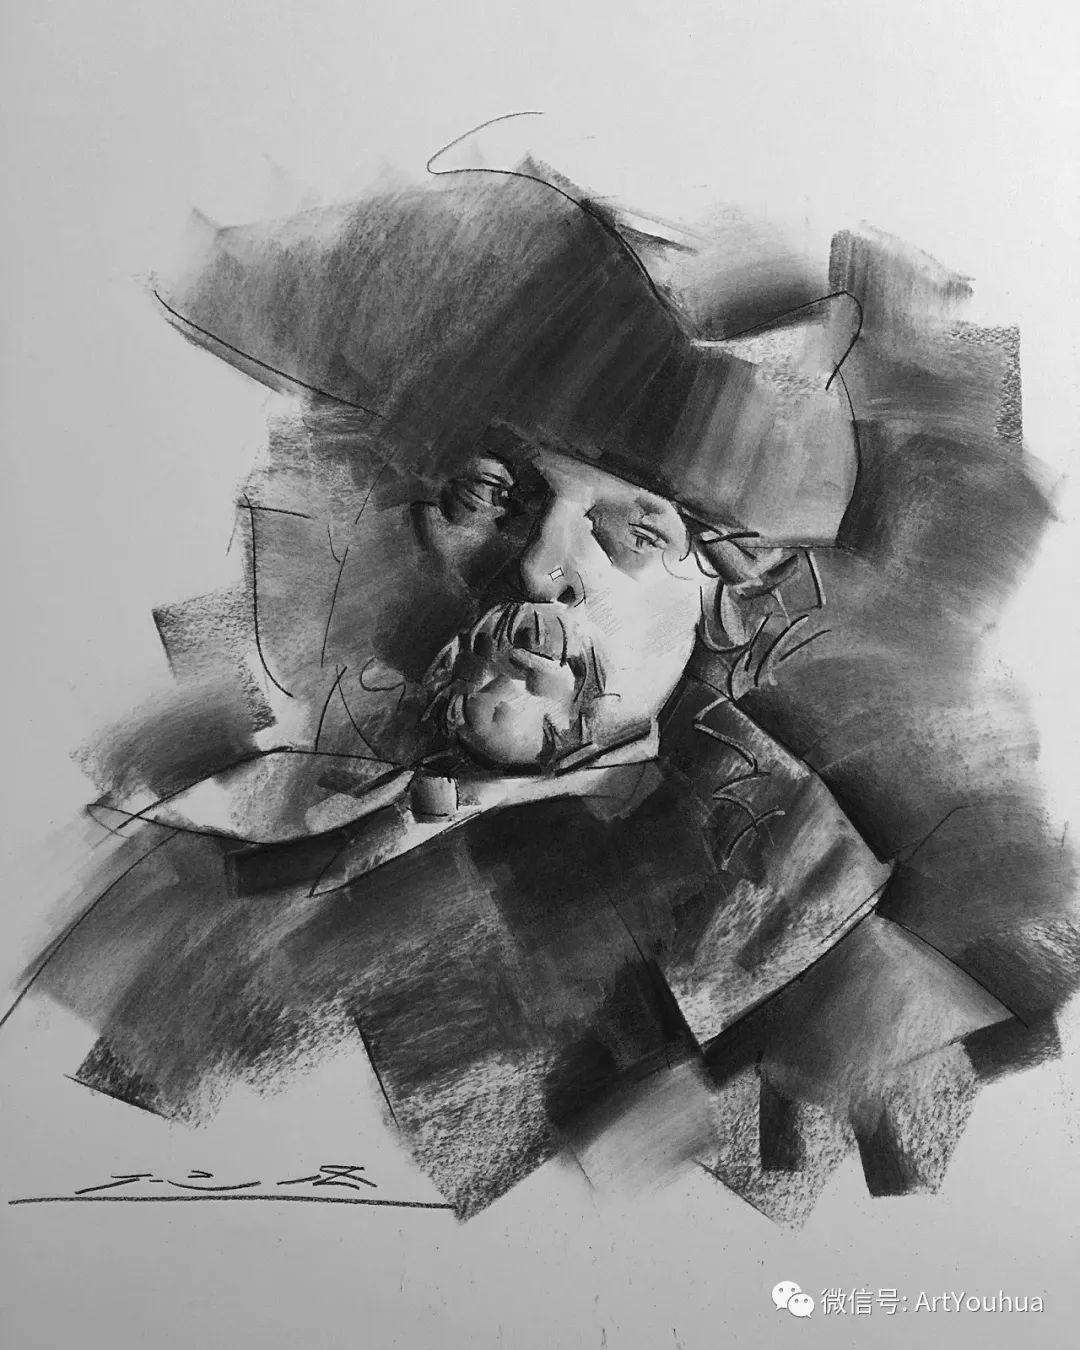 他的人物肖像绘画独具一格 还是位80后画家插图85